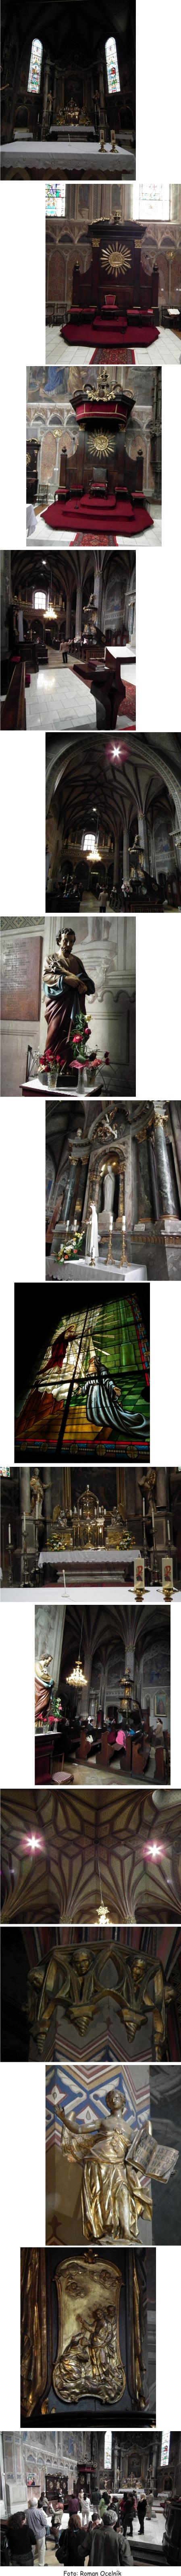 Biskupská katedrála v Rožňave